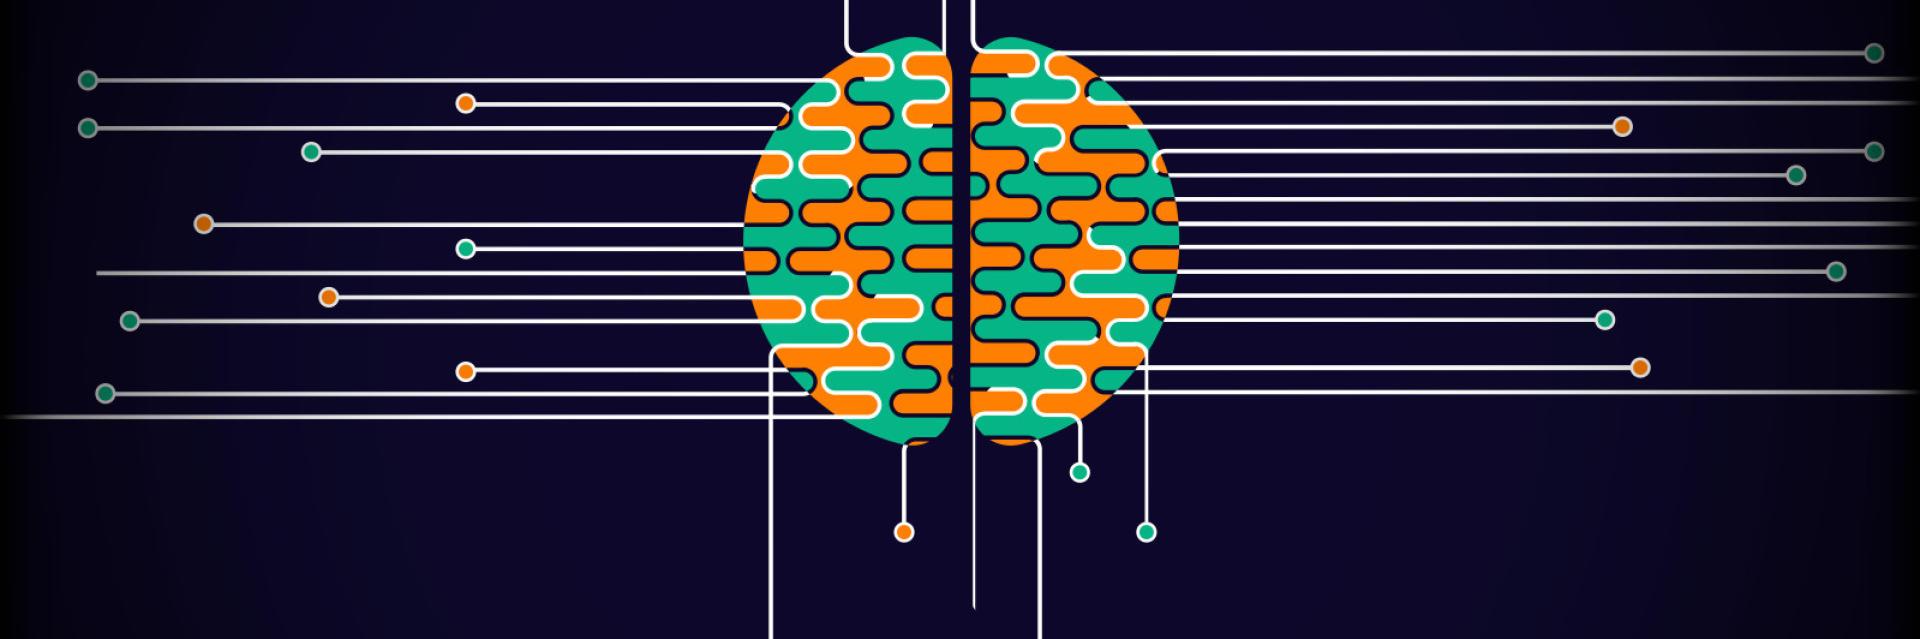 Les millions de calculs effectués par les réseaux de neurones artificiels sont difficiles à décomposer et analyser.